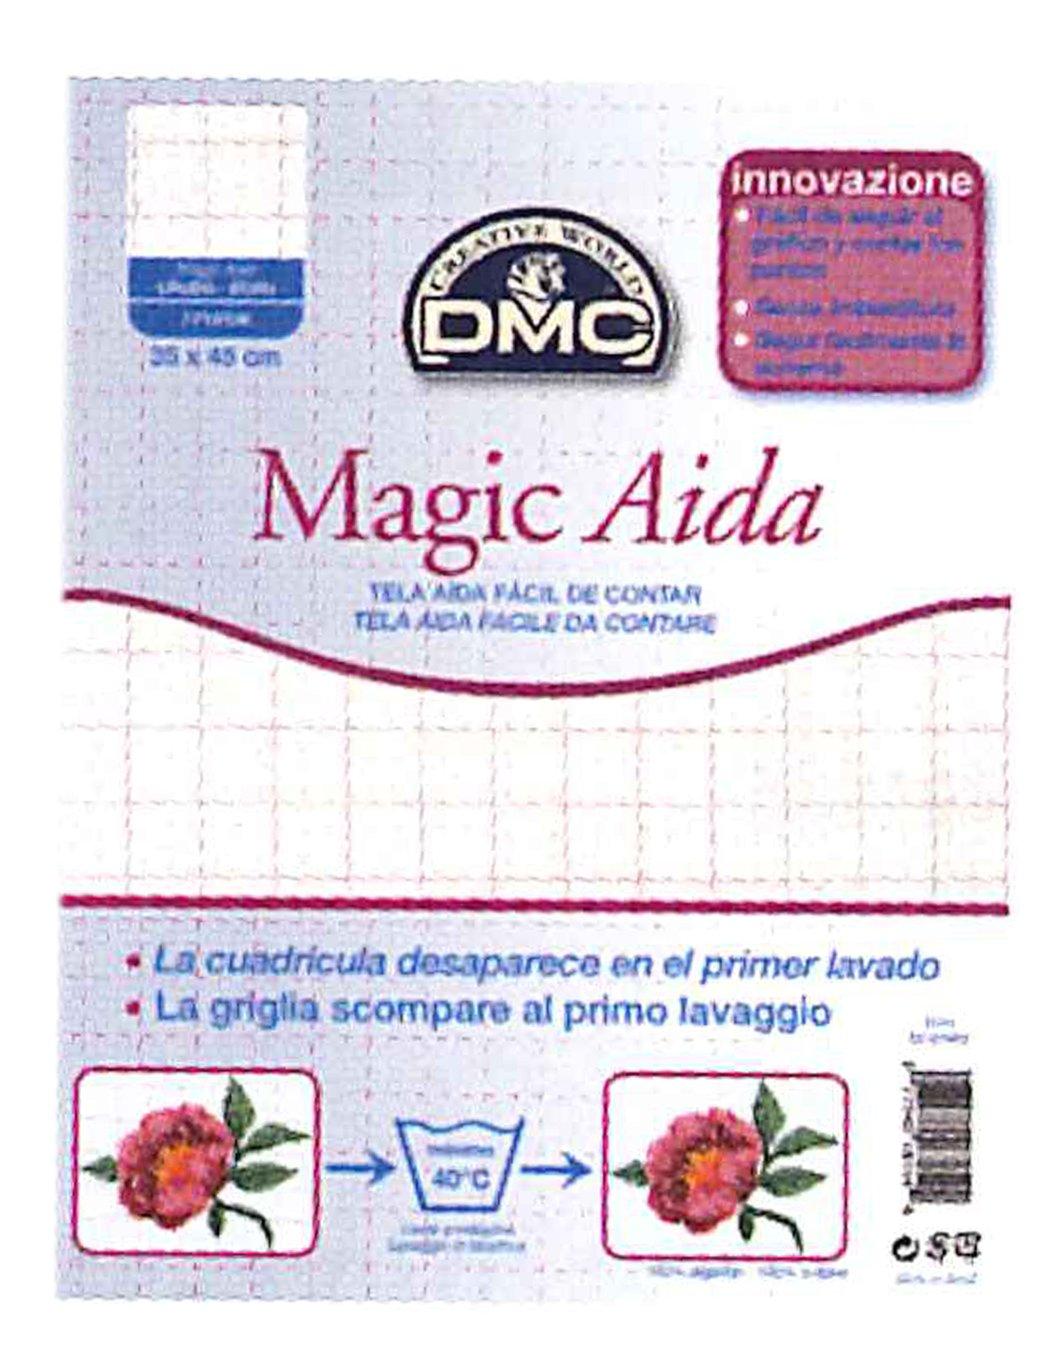 DMC MAGIC GUIDE AIDA (Magic Guide Aida) DC37MG/Ecru (japan import) DC37MG ECRU